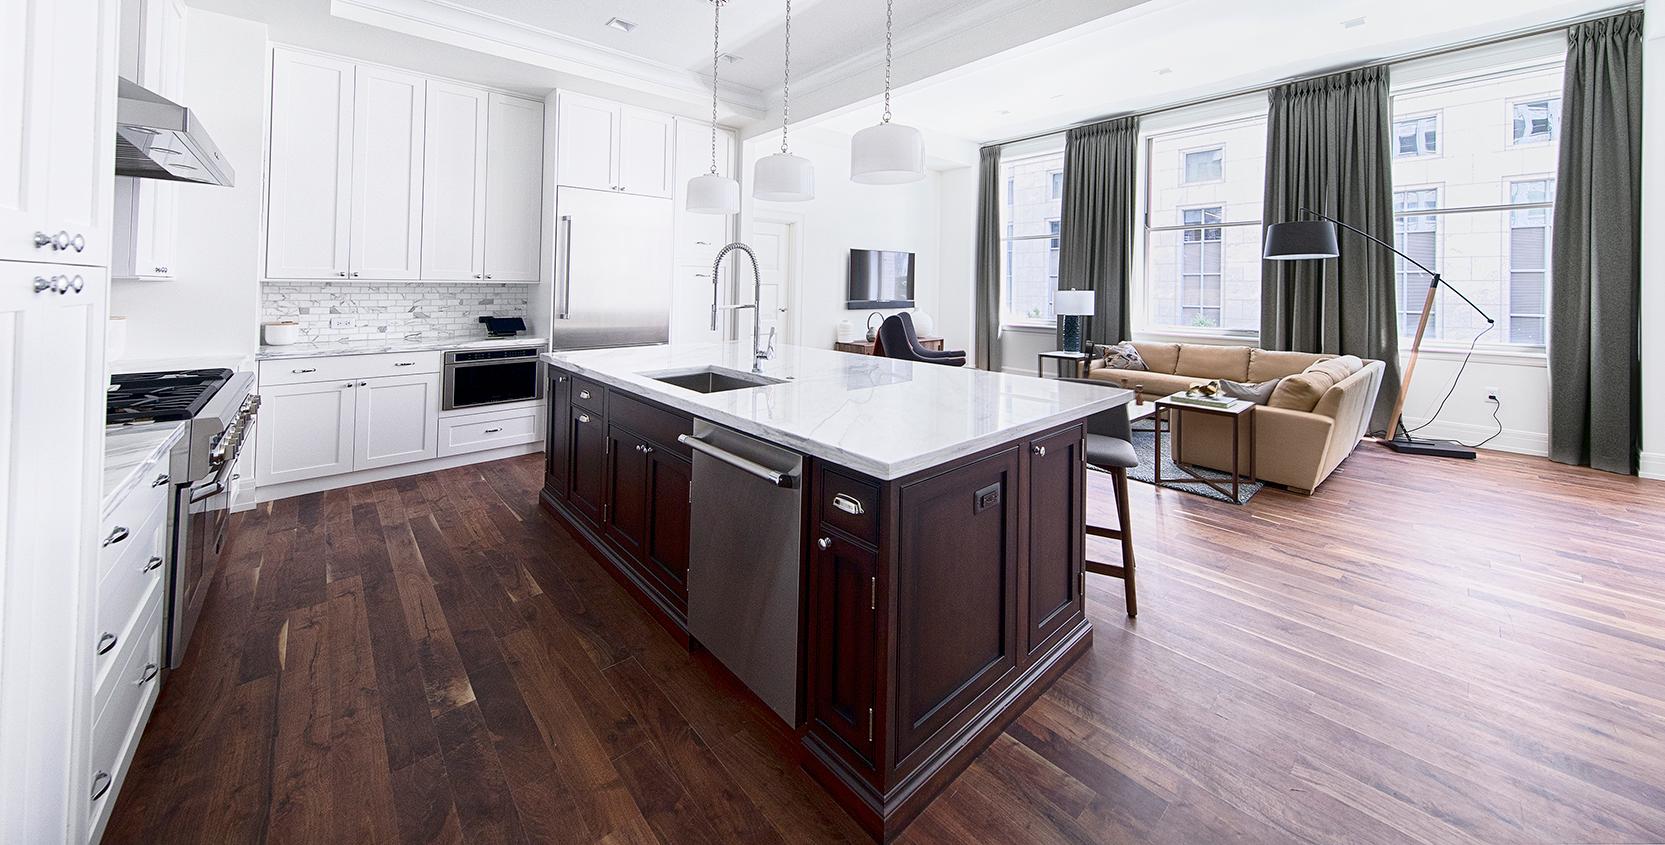 Vinton-Building-Apartment-Kitchen-1665x845